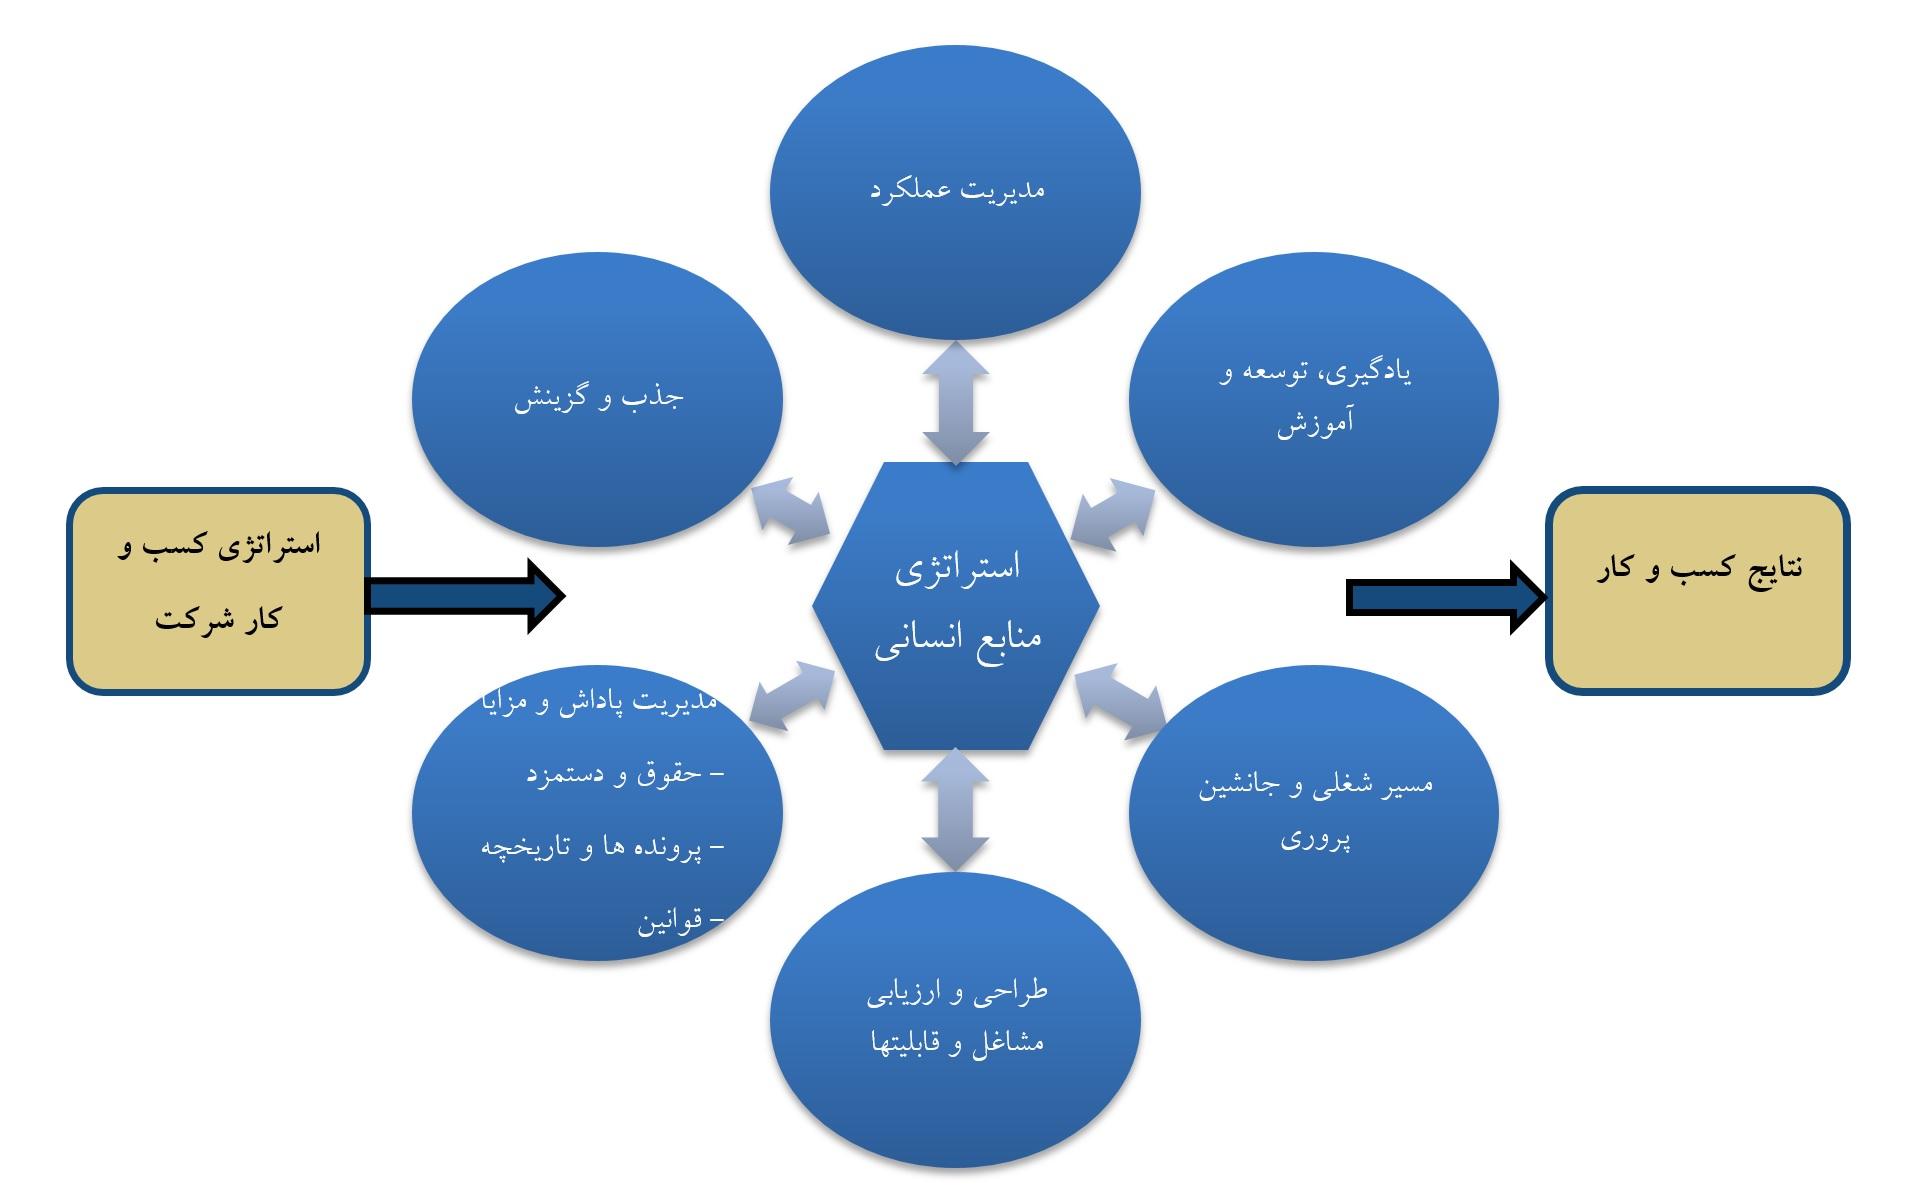 خدمات منابع انسانی